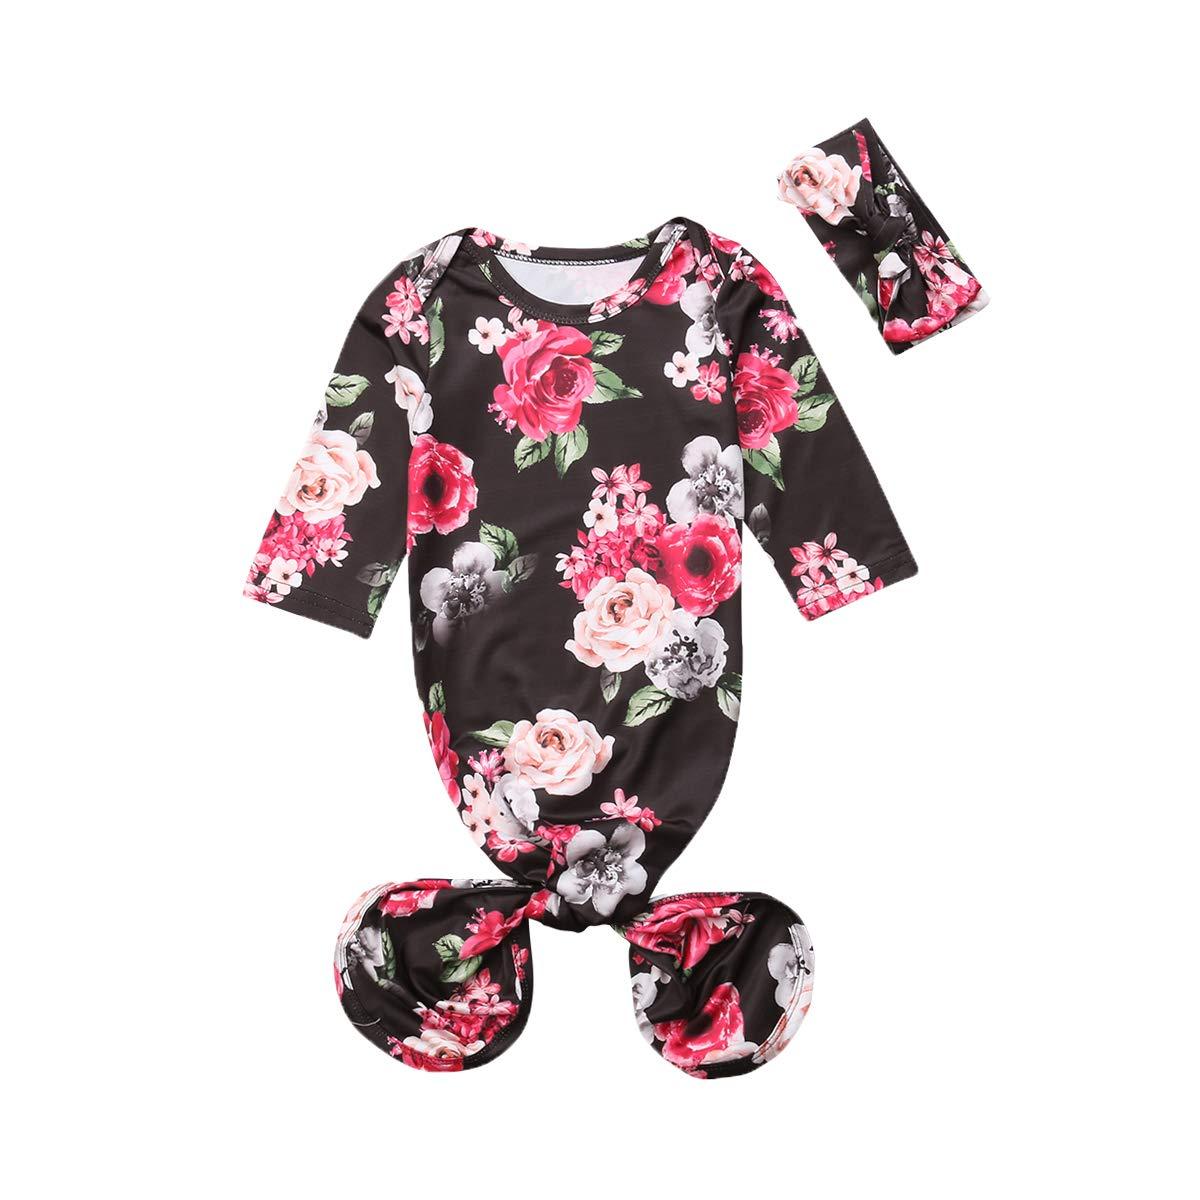 767a1d70ede8 Amazon.com  remeo suit 0-6Months Newborn Baby Floral Print Mermaid ...